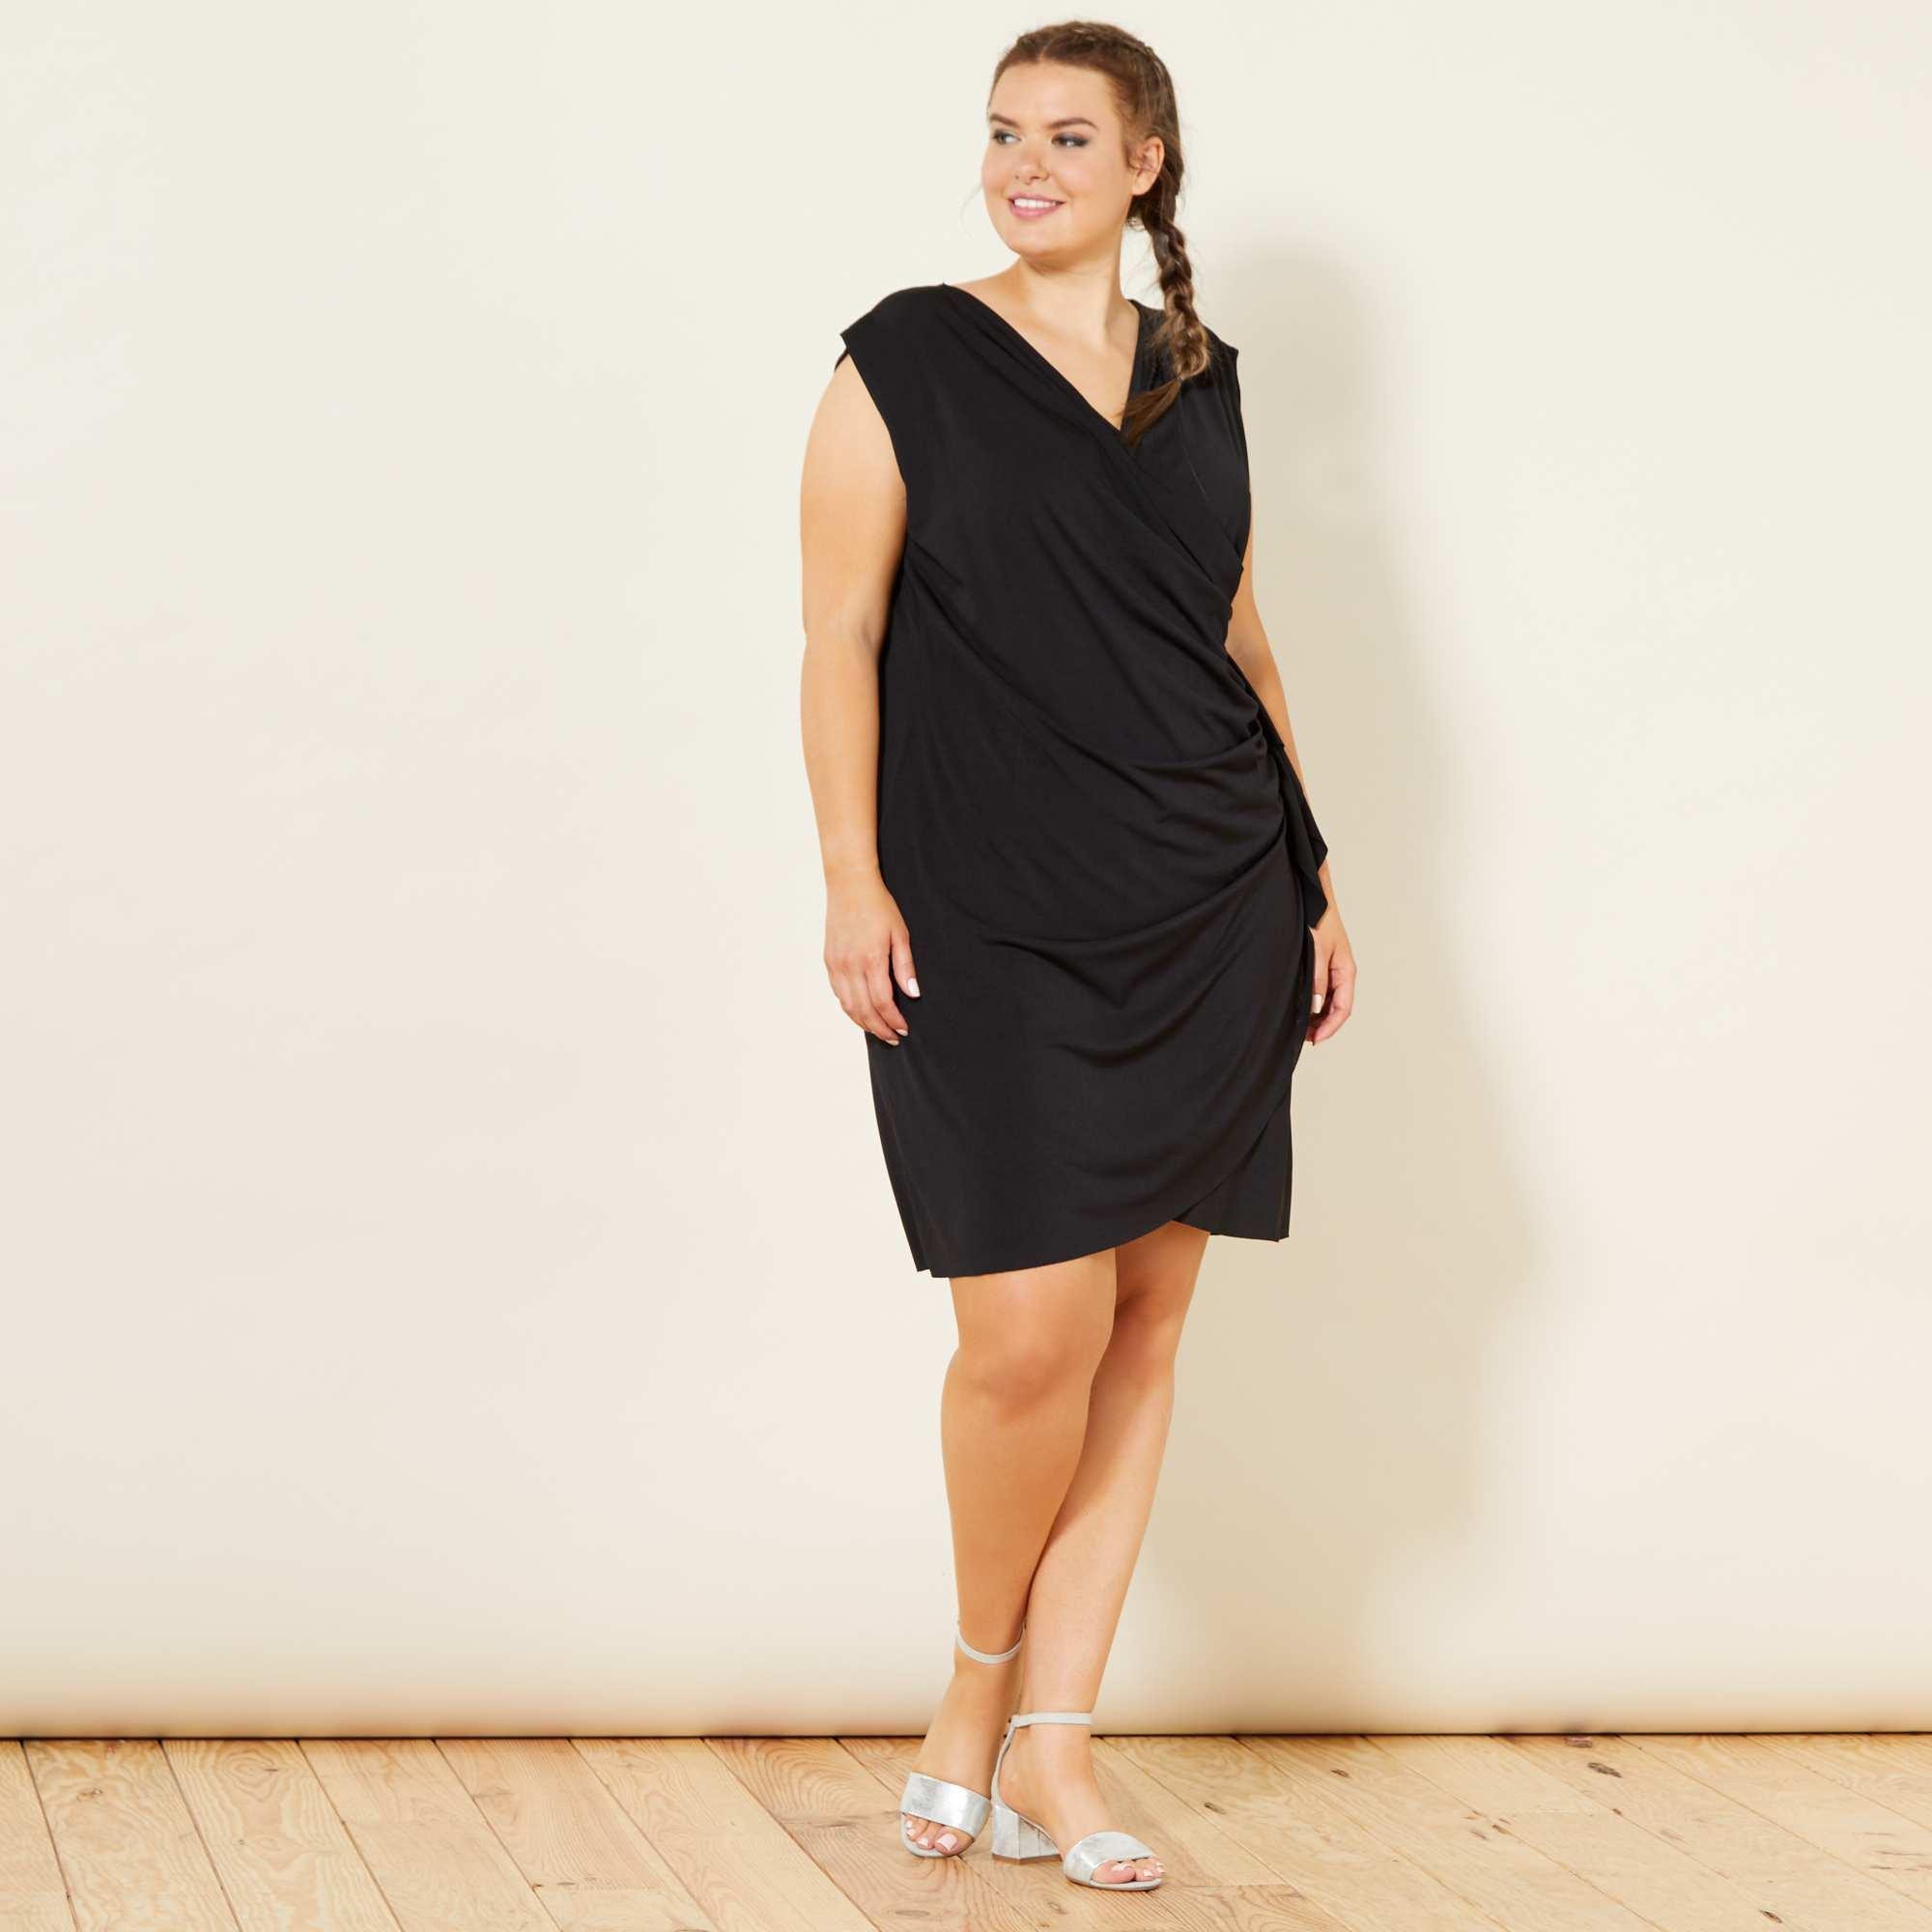 aa5d29192c492d Gedrapeerde jurk met print zwart Dames size+. Loading zoom